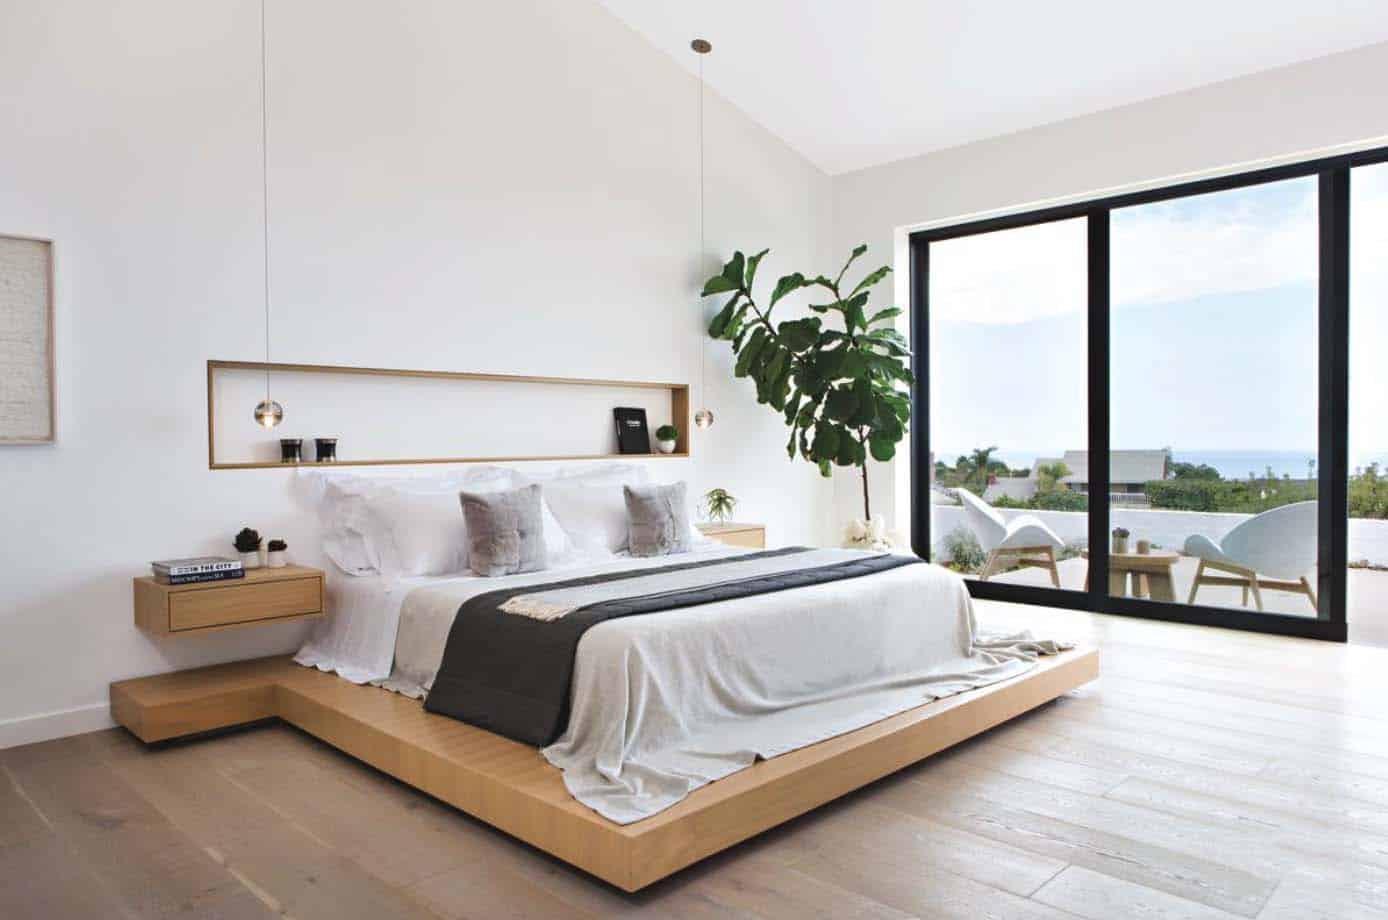 spyglass-hill-residence-eric-olsen-design-011-1-kindesign